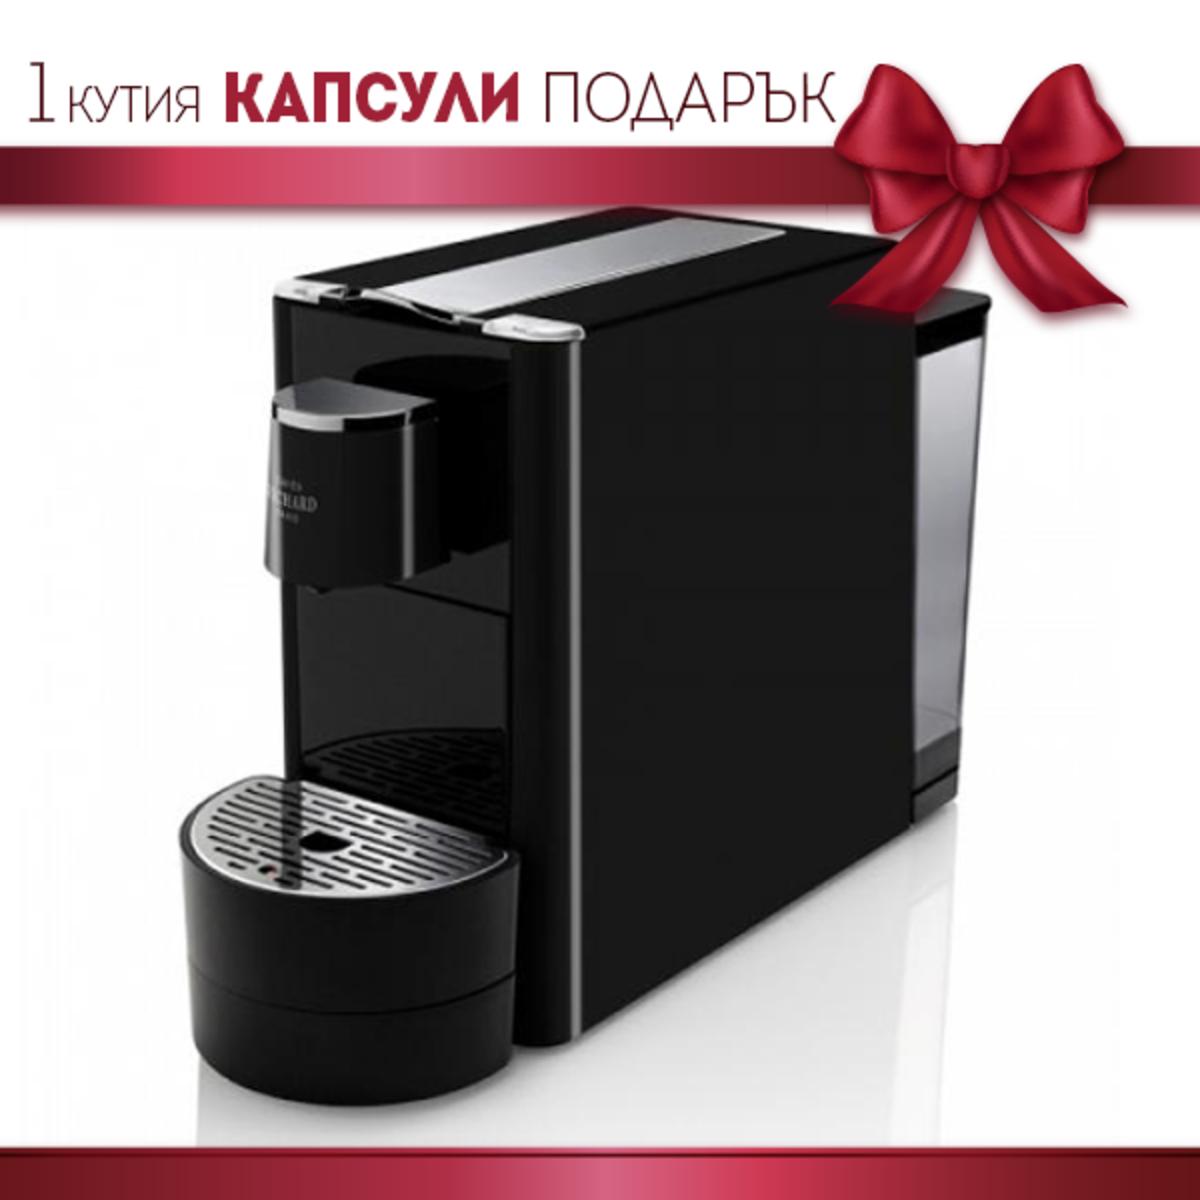 Кафе машина Cafés Richard Ventura, черна с подарък 1 кутия кафе